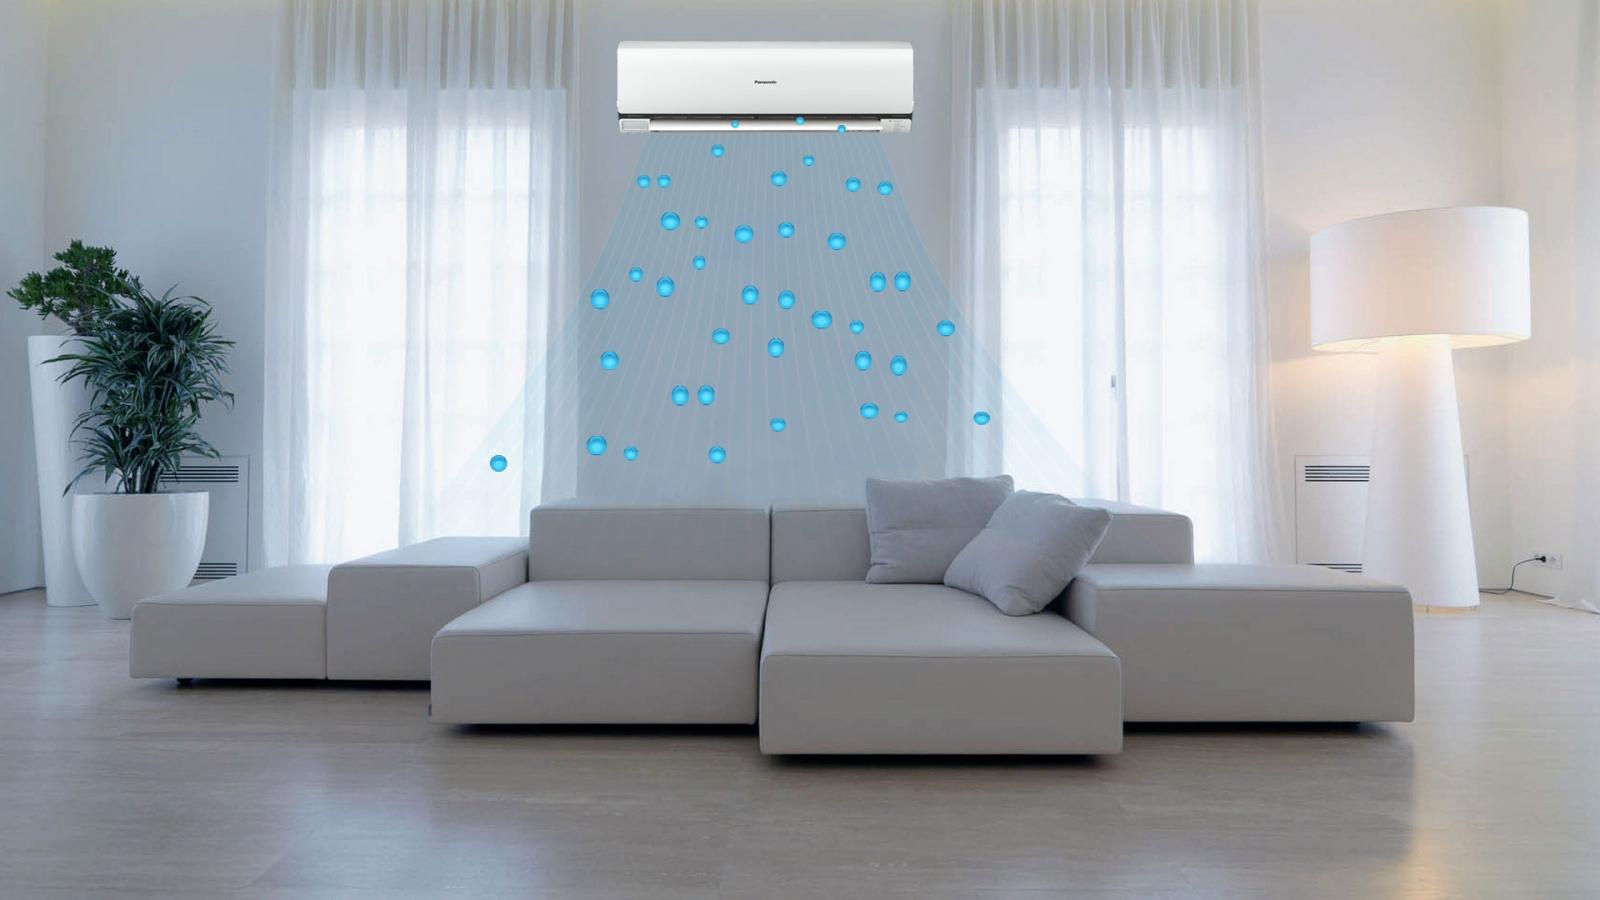 Phòng khách thường đông người nên chọn máy lạnh có công suất lớn hơn